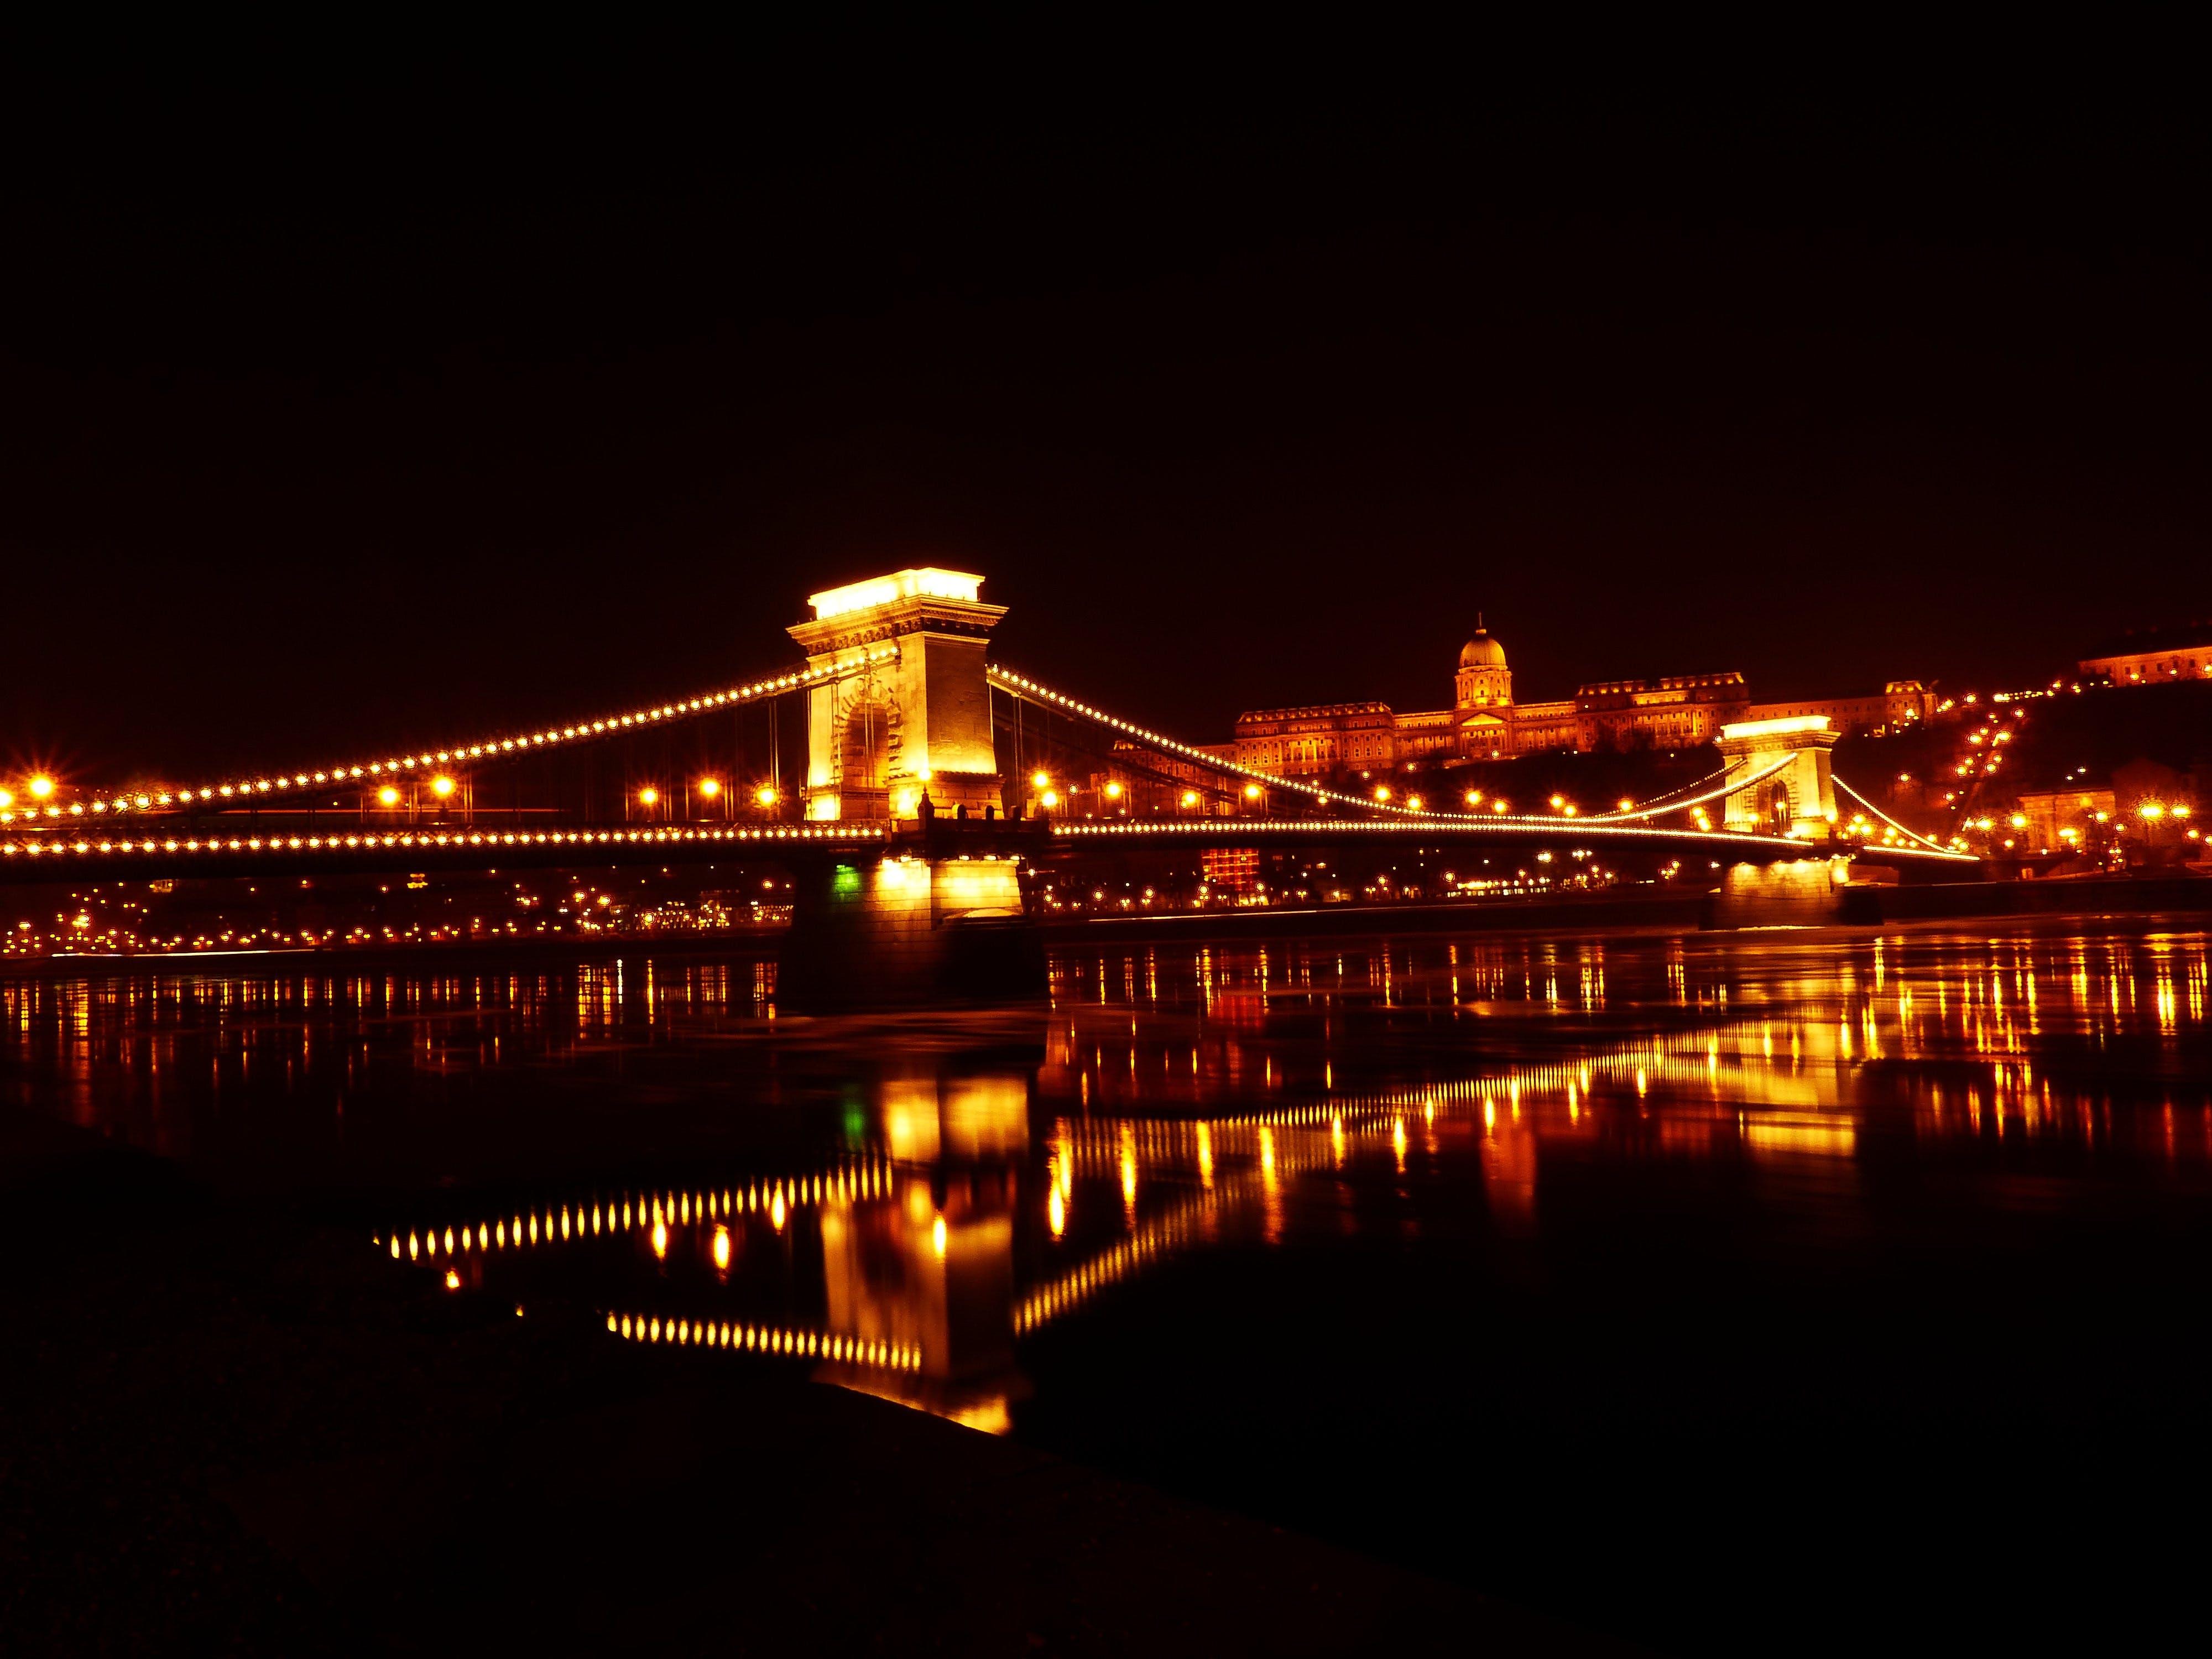 Gratis stockfoto met attractie, avond, belicht, binnenstad